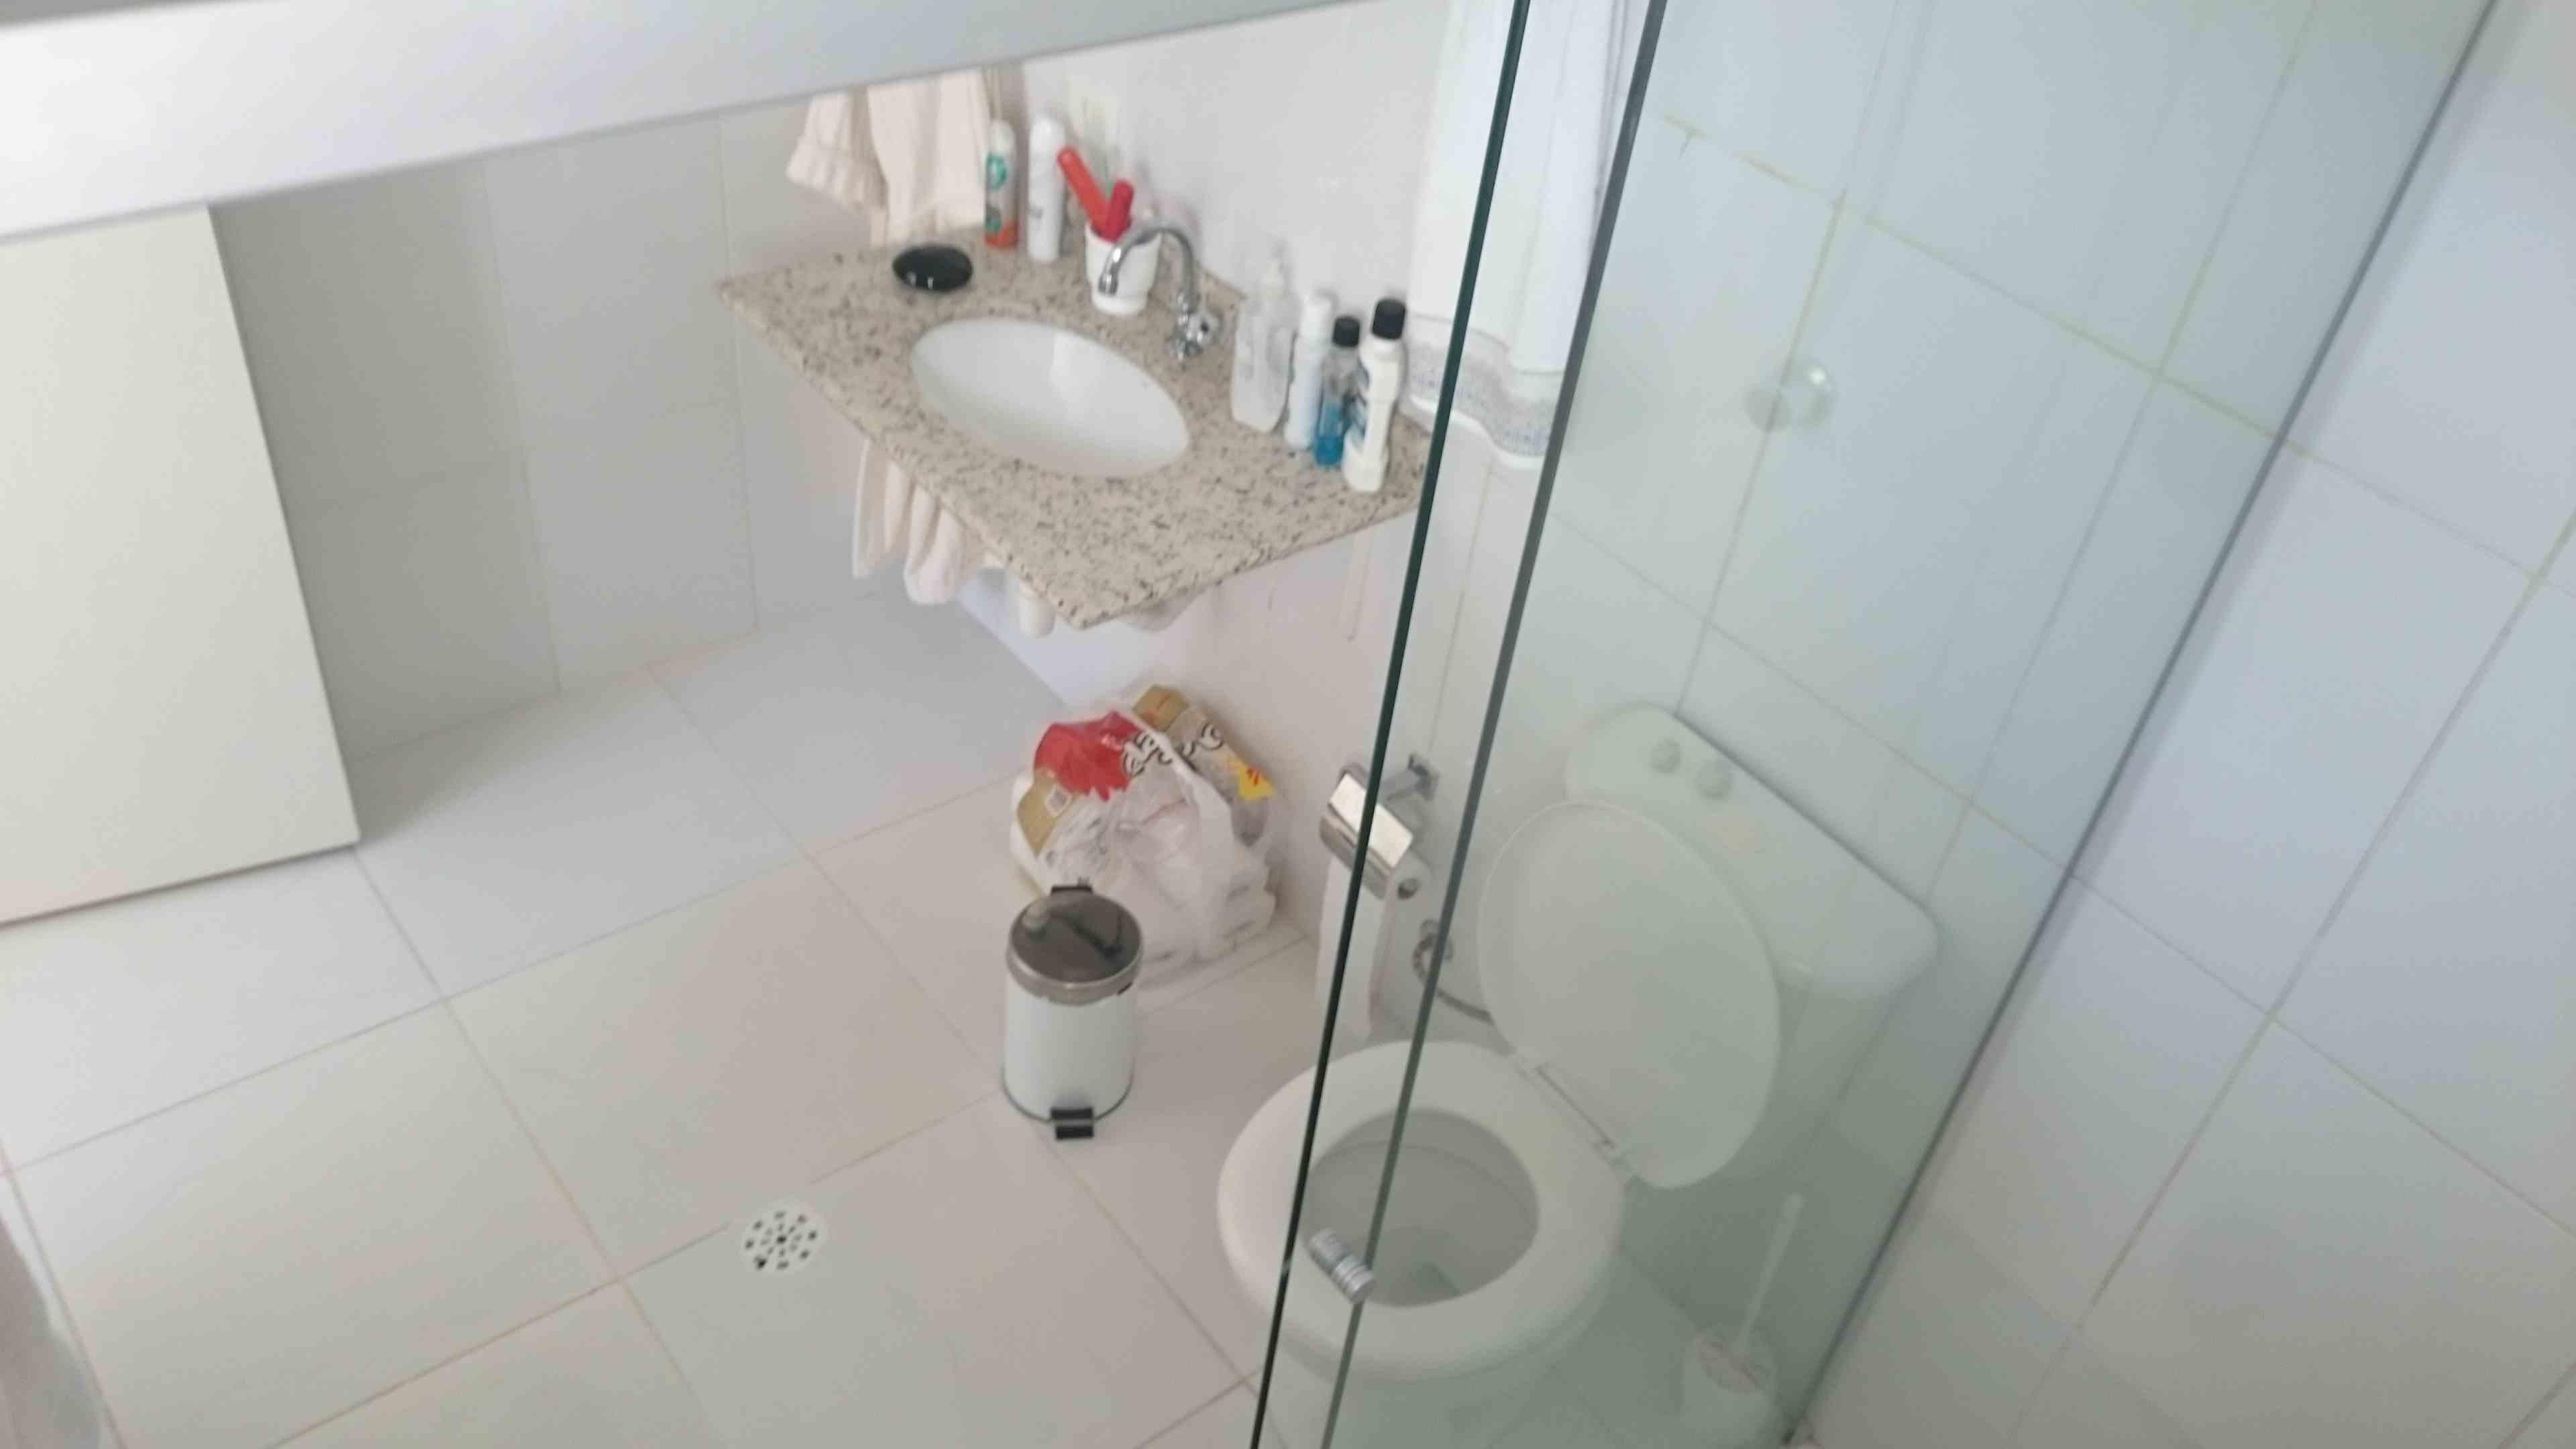 Imagens de #894342  com 3 dormitórios no Vila Oliveira em Mogi das Cruzes SP Ref.: 7785 3840x2160 px 2788 Box Banheiro Mogi Das Cruzes